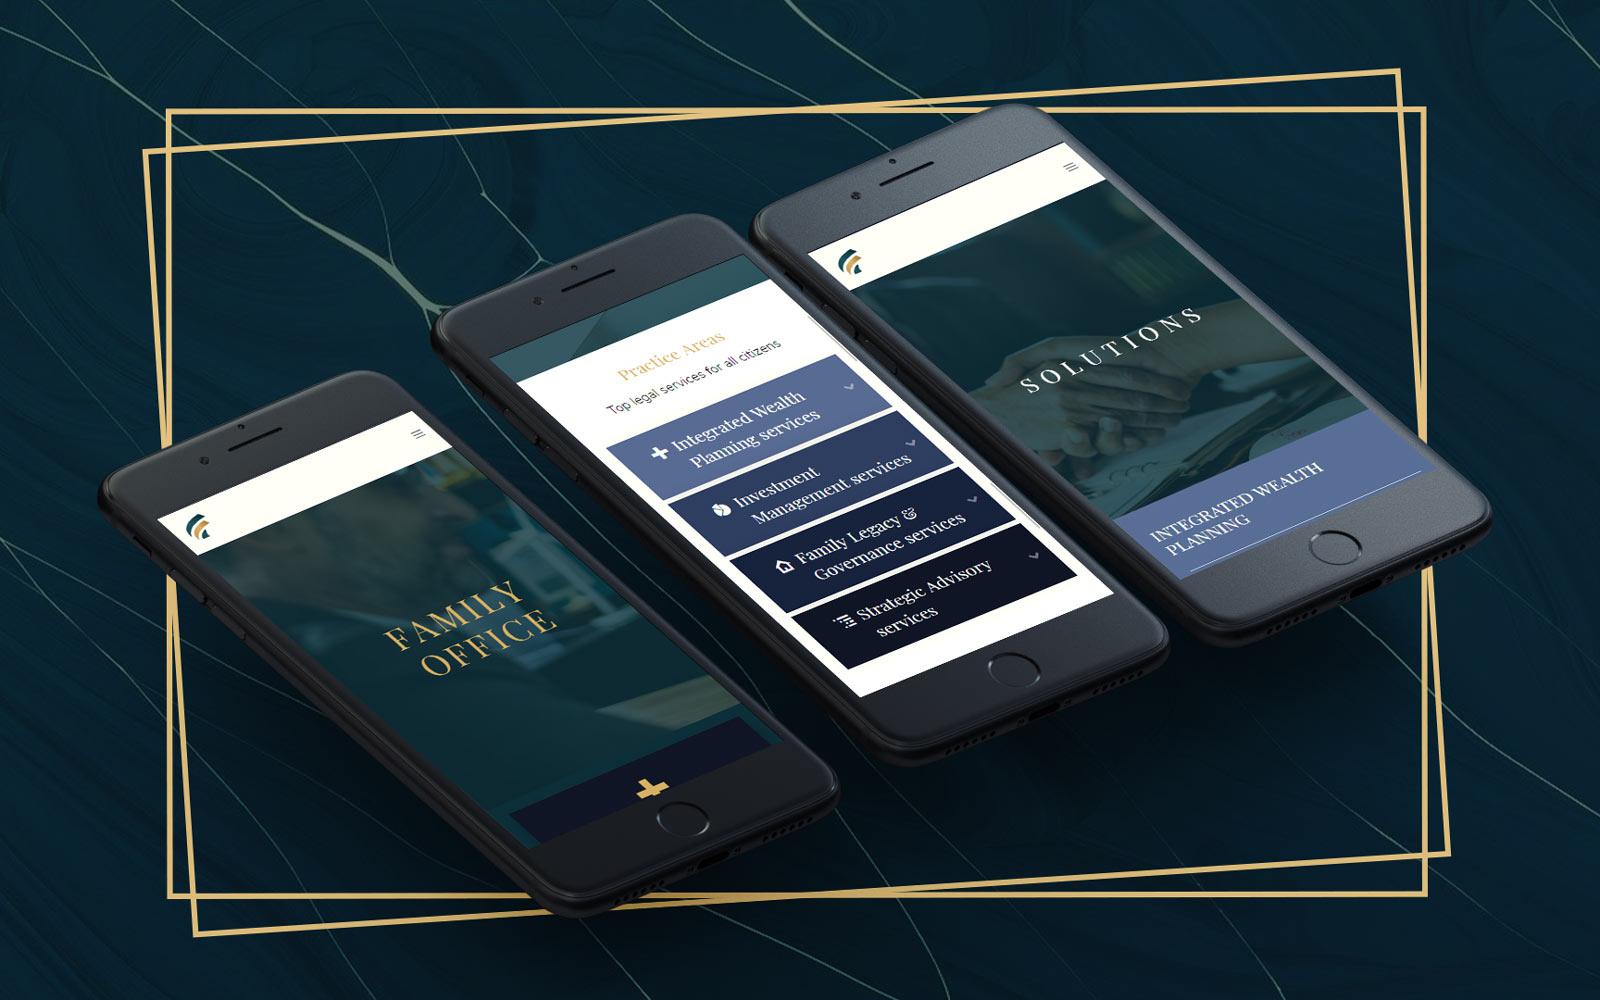 sviluppo-sito-web-fiduciaria-mobile-lugano-bellinzona